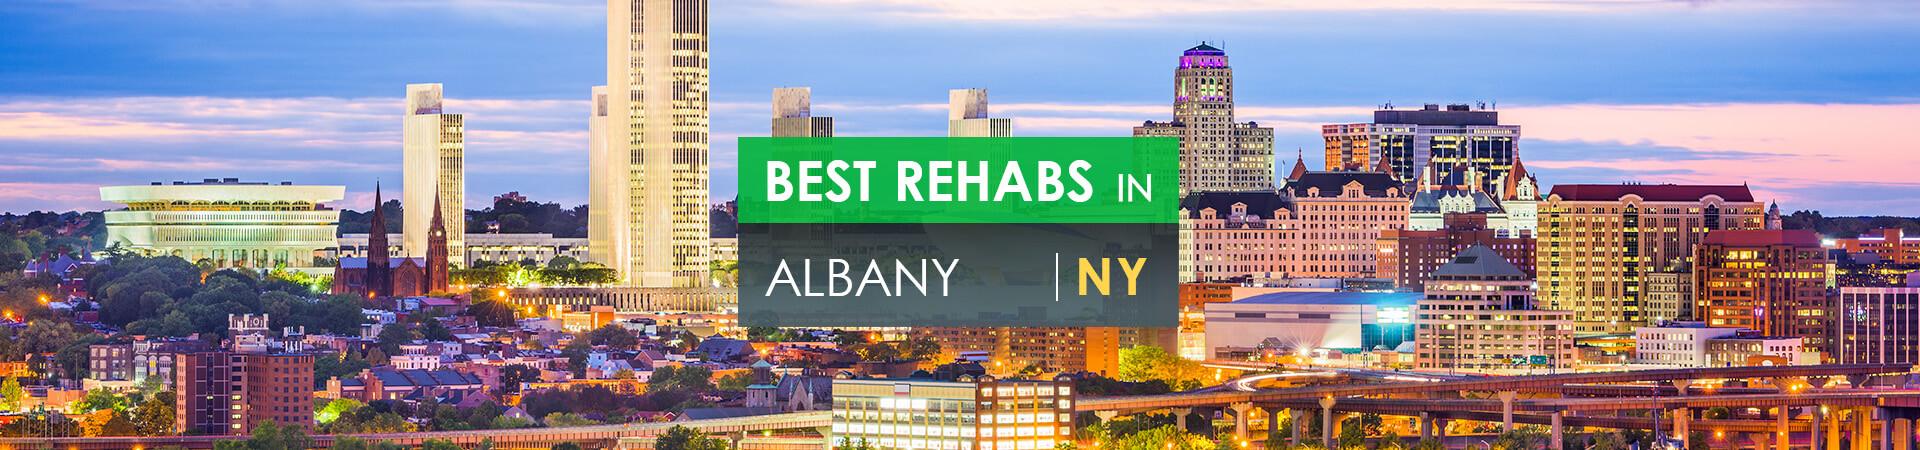 Best rehabs in Albany, NY